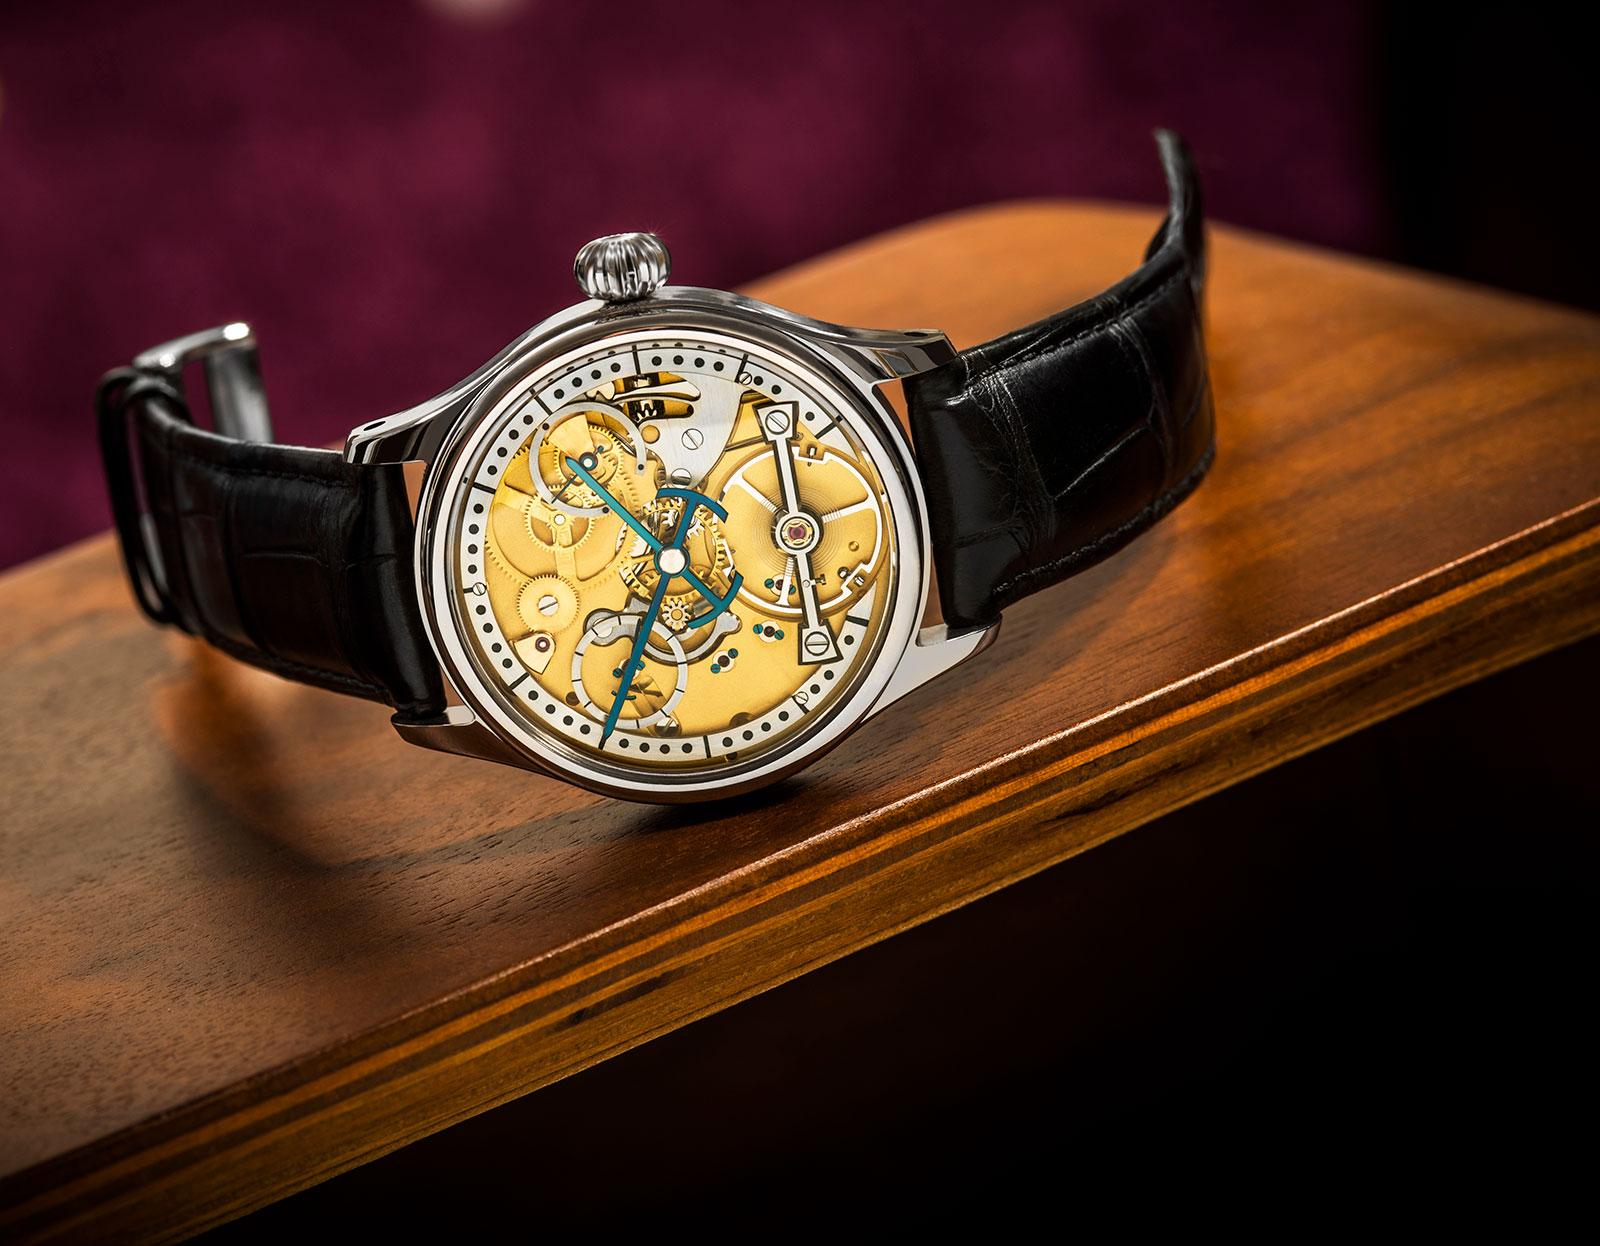 Garrick S1 watch 2